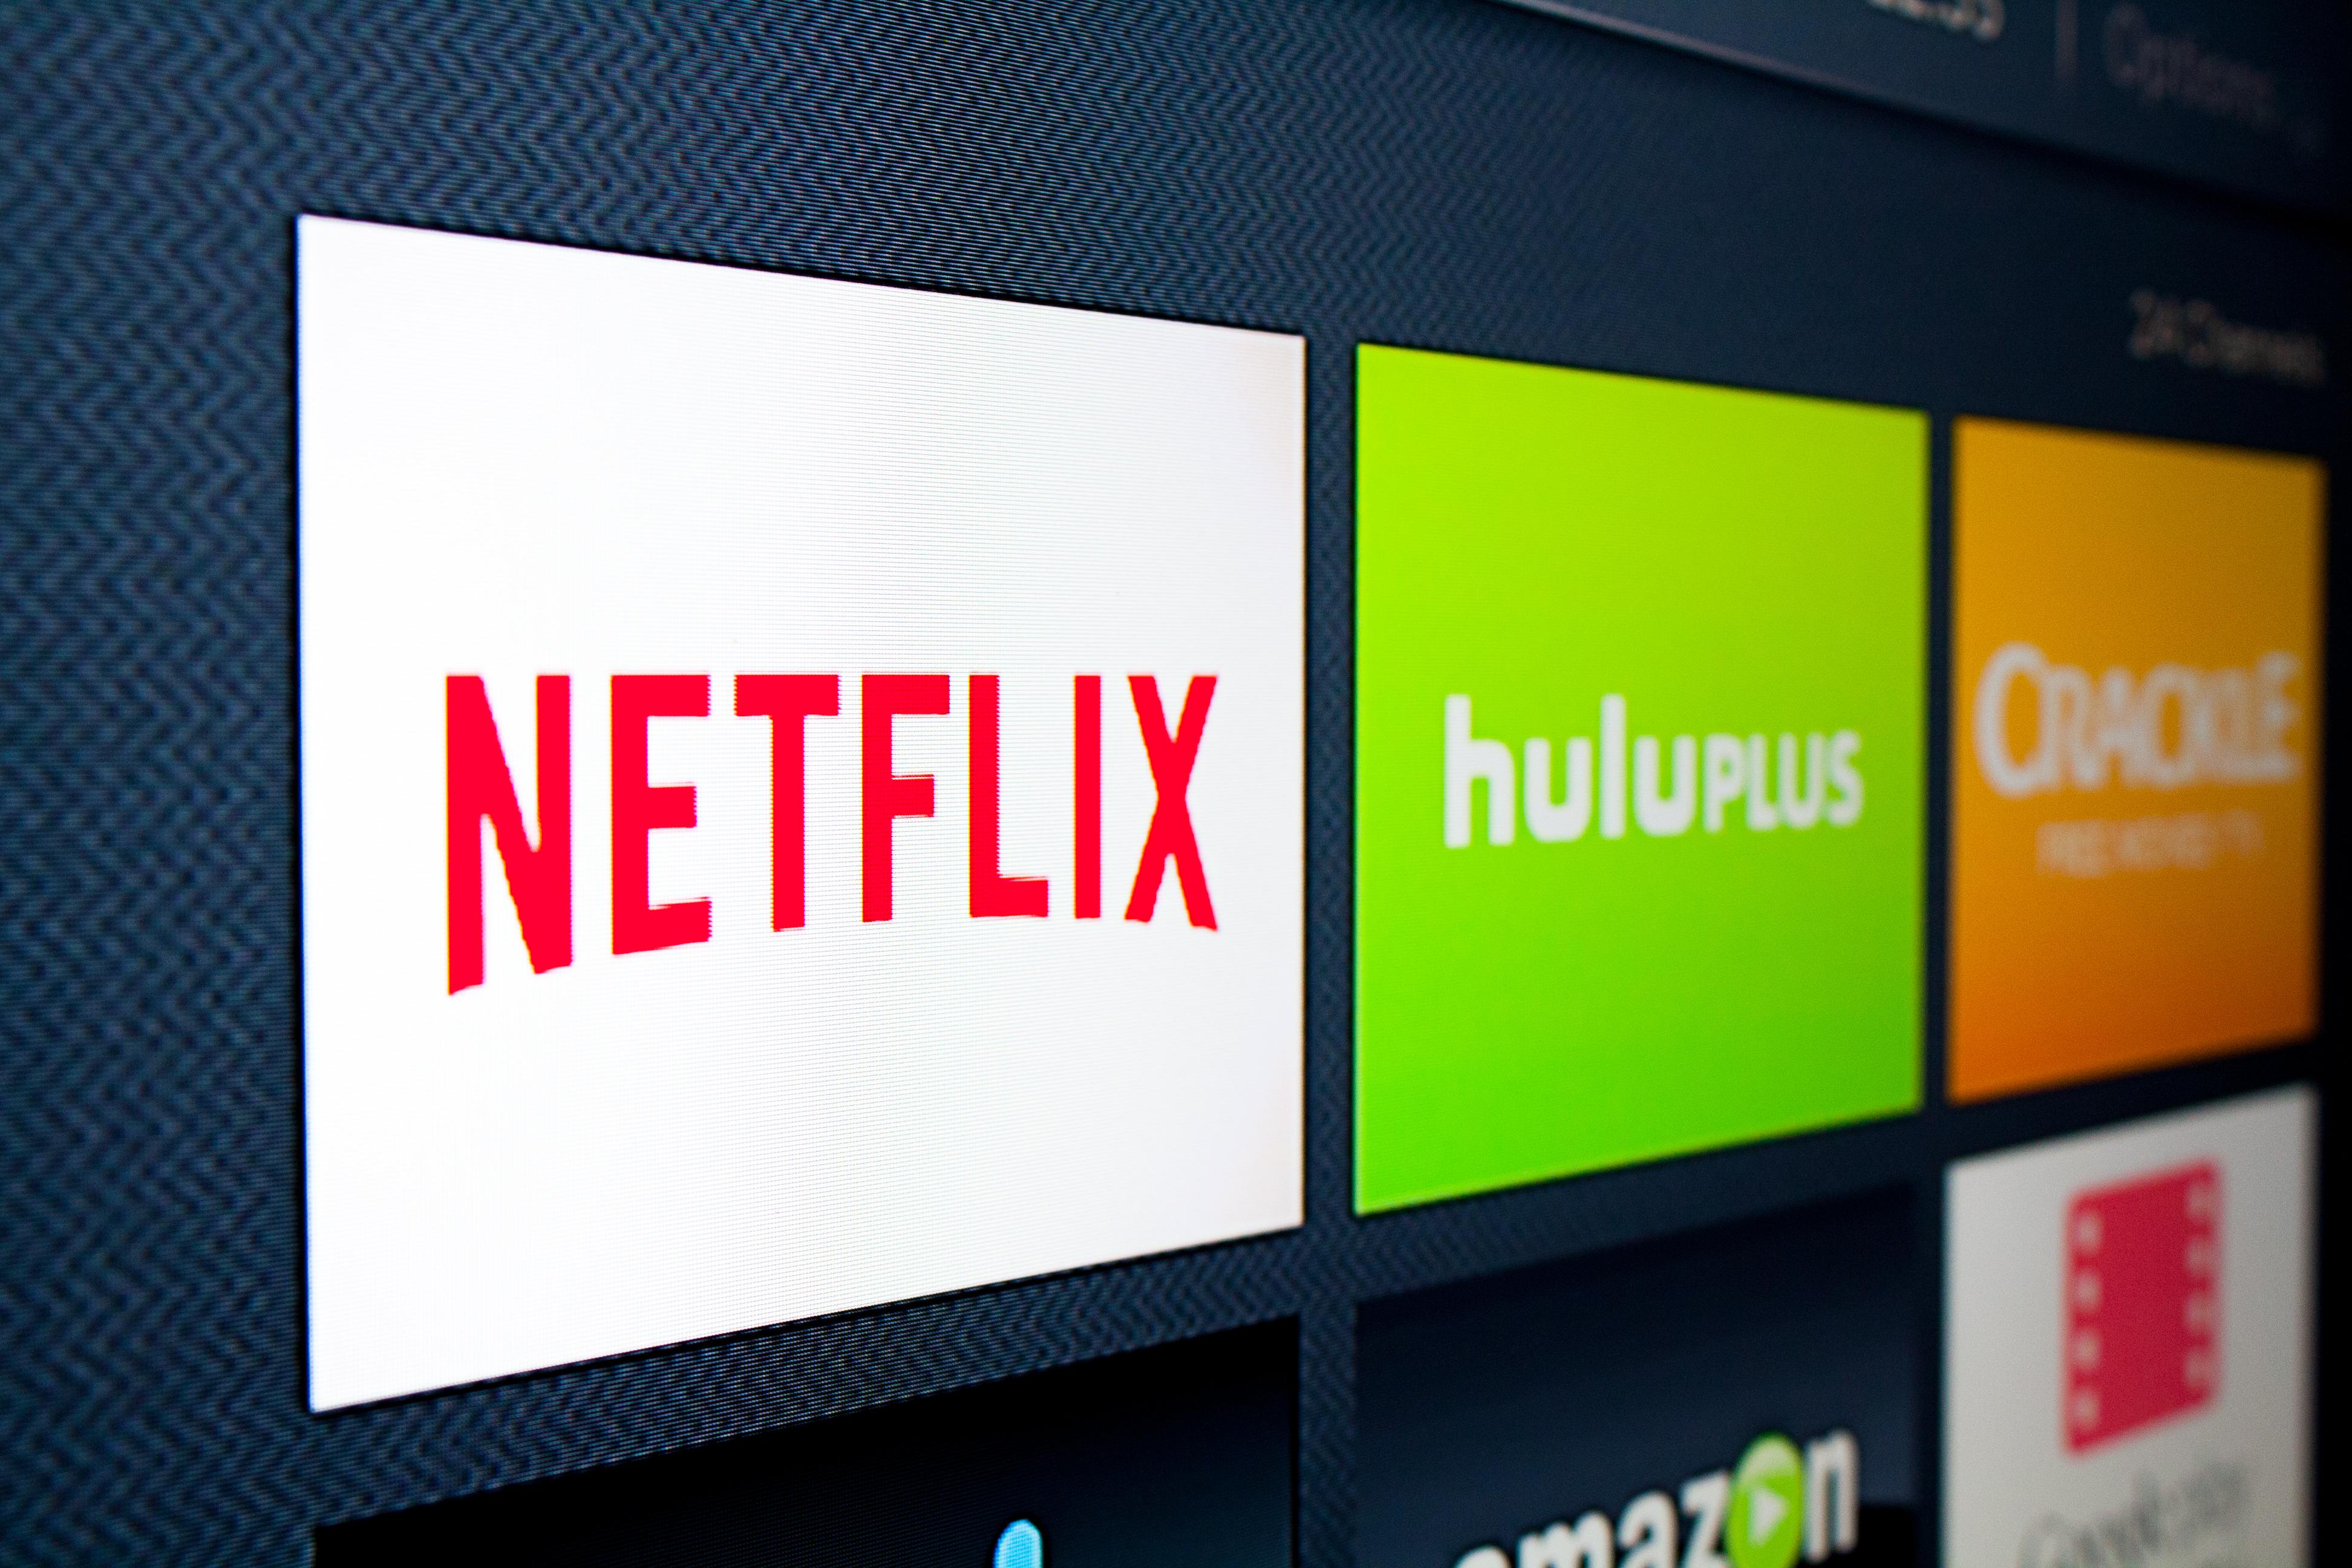 Netflix Epix Deal